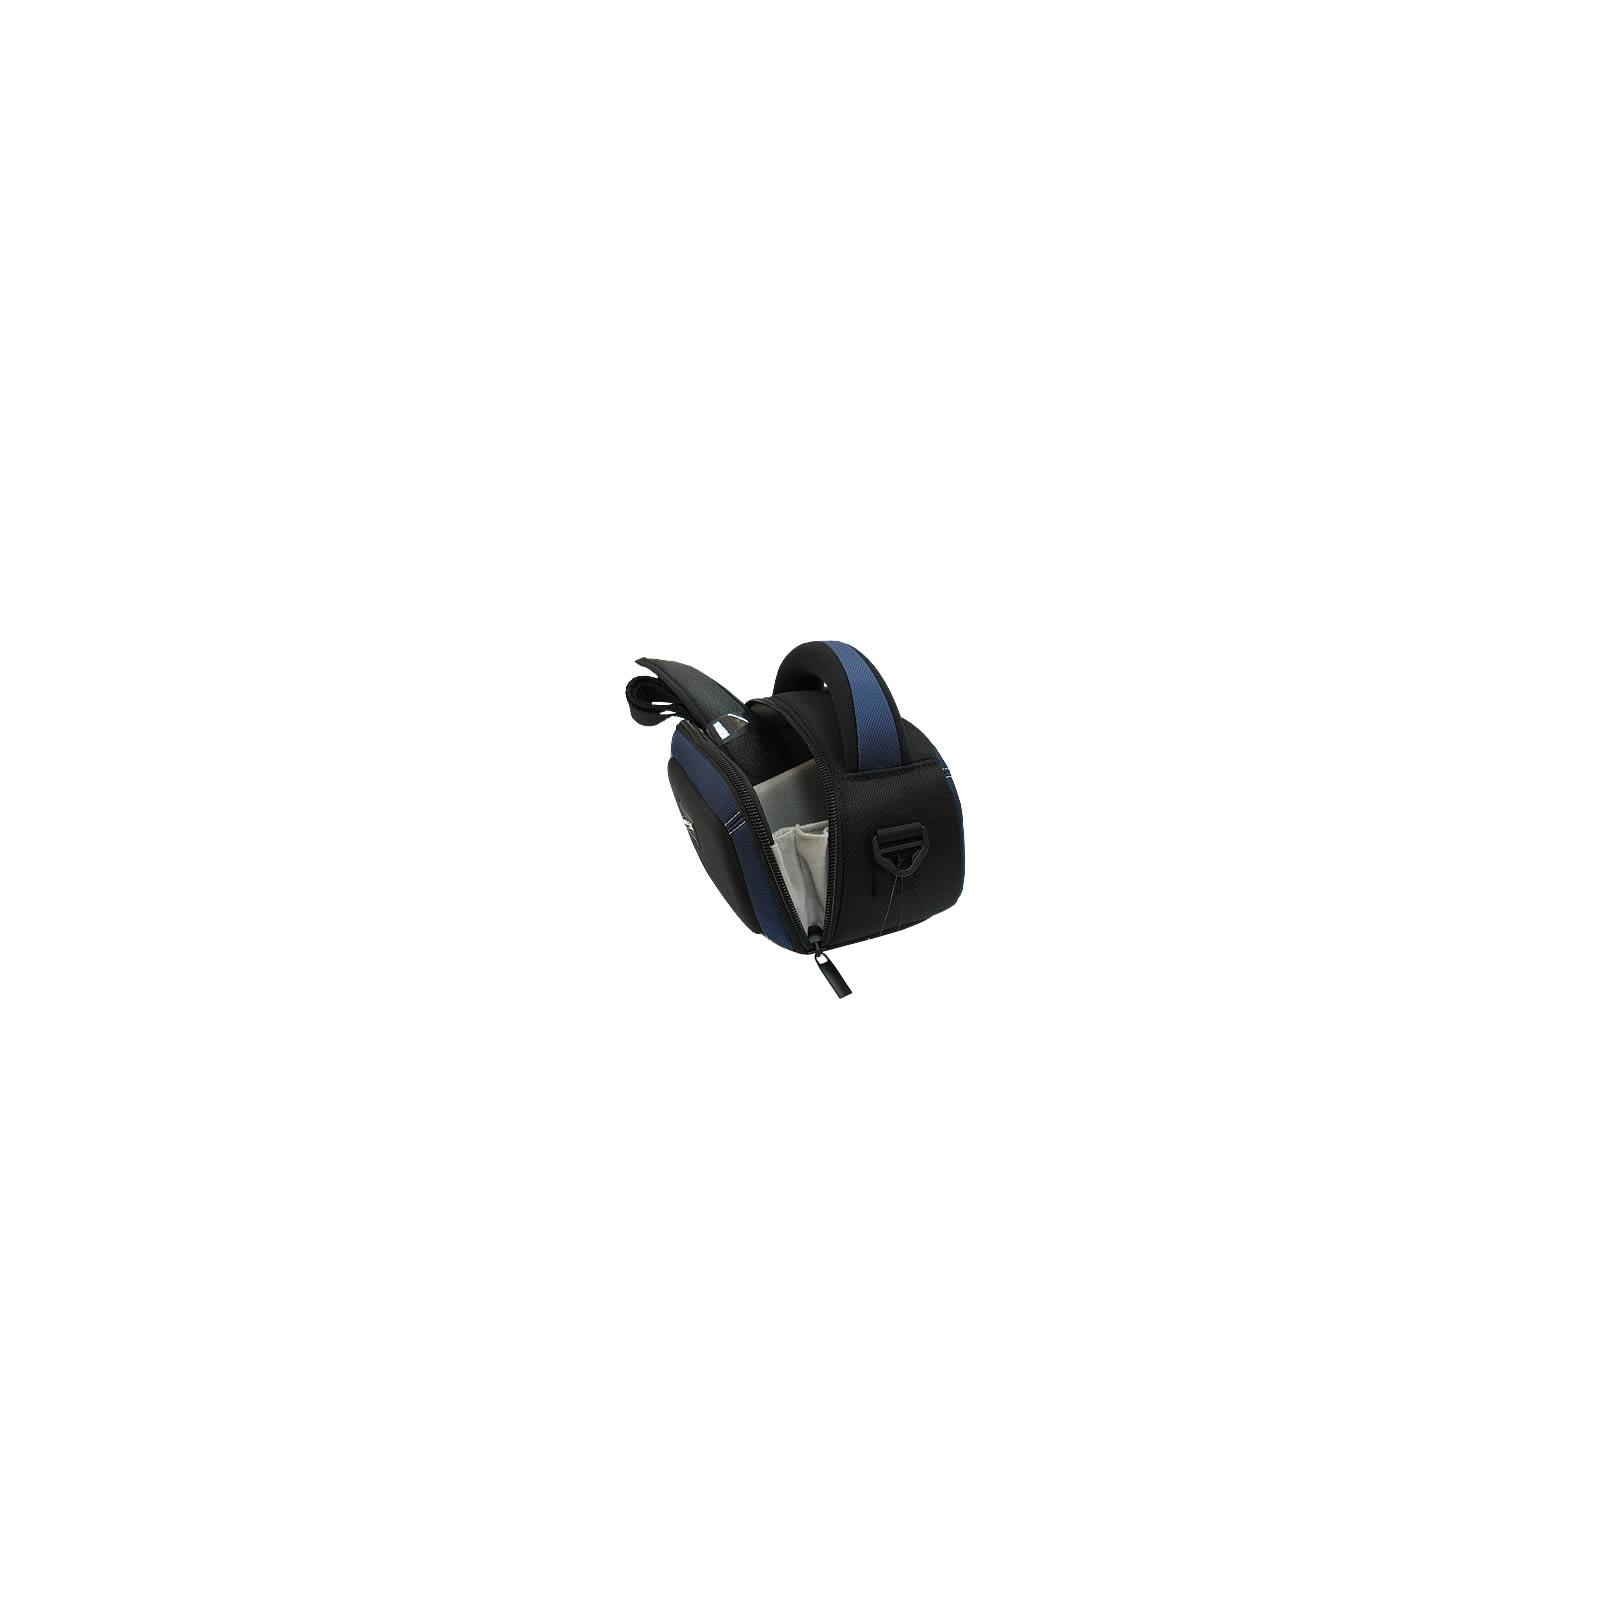 Фото-сумка RivaCase Video Case (7124-S(PS) sapphire blue) изображение 2